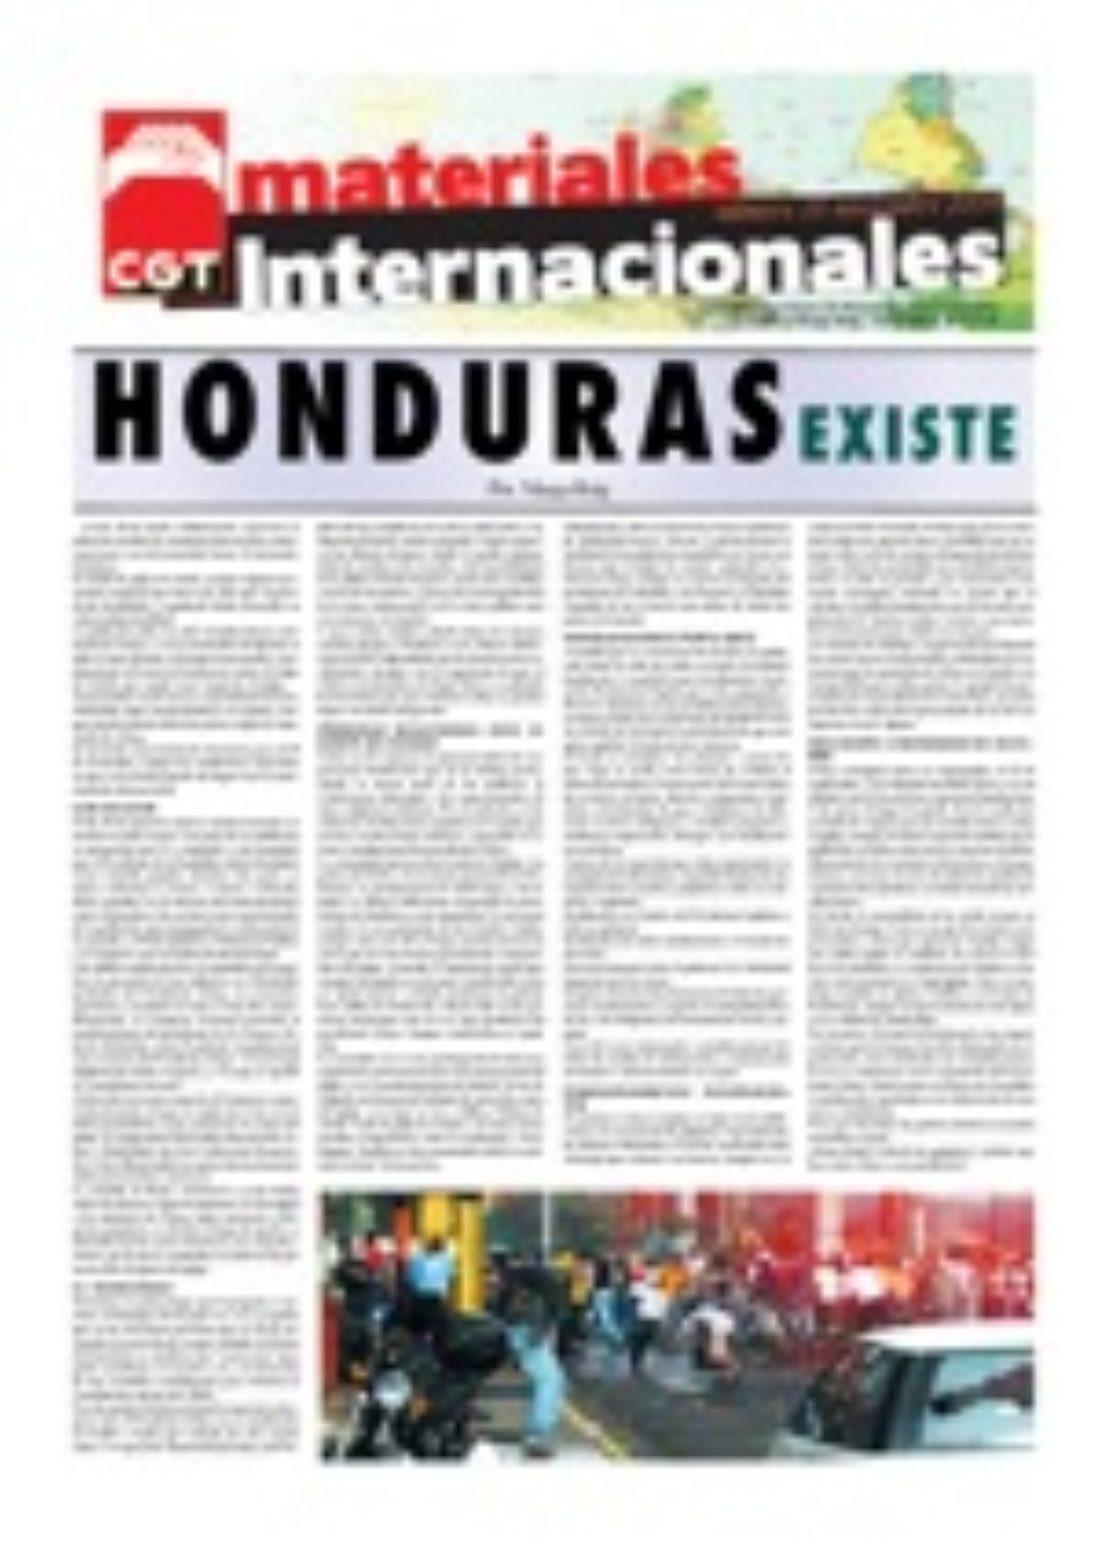 Materiales Internacionales 18: Honduras existe